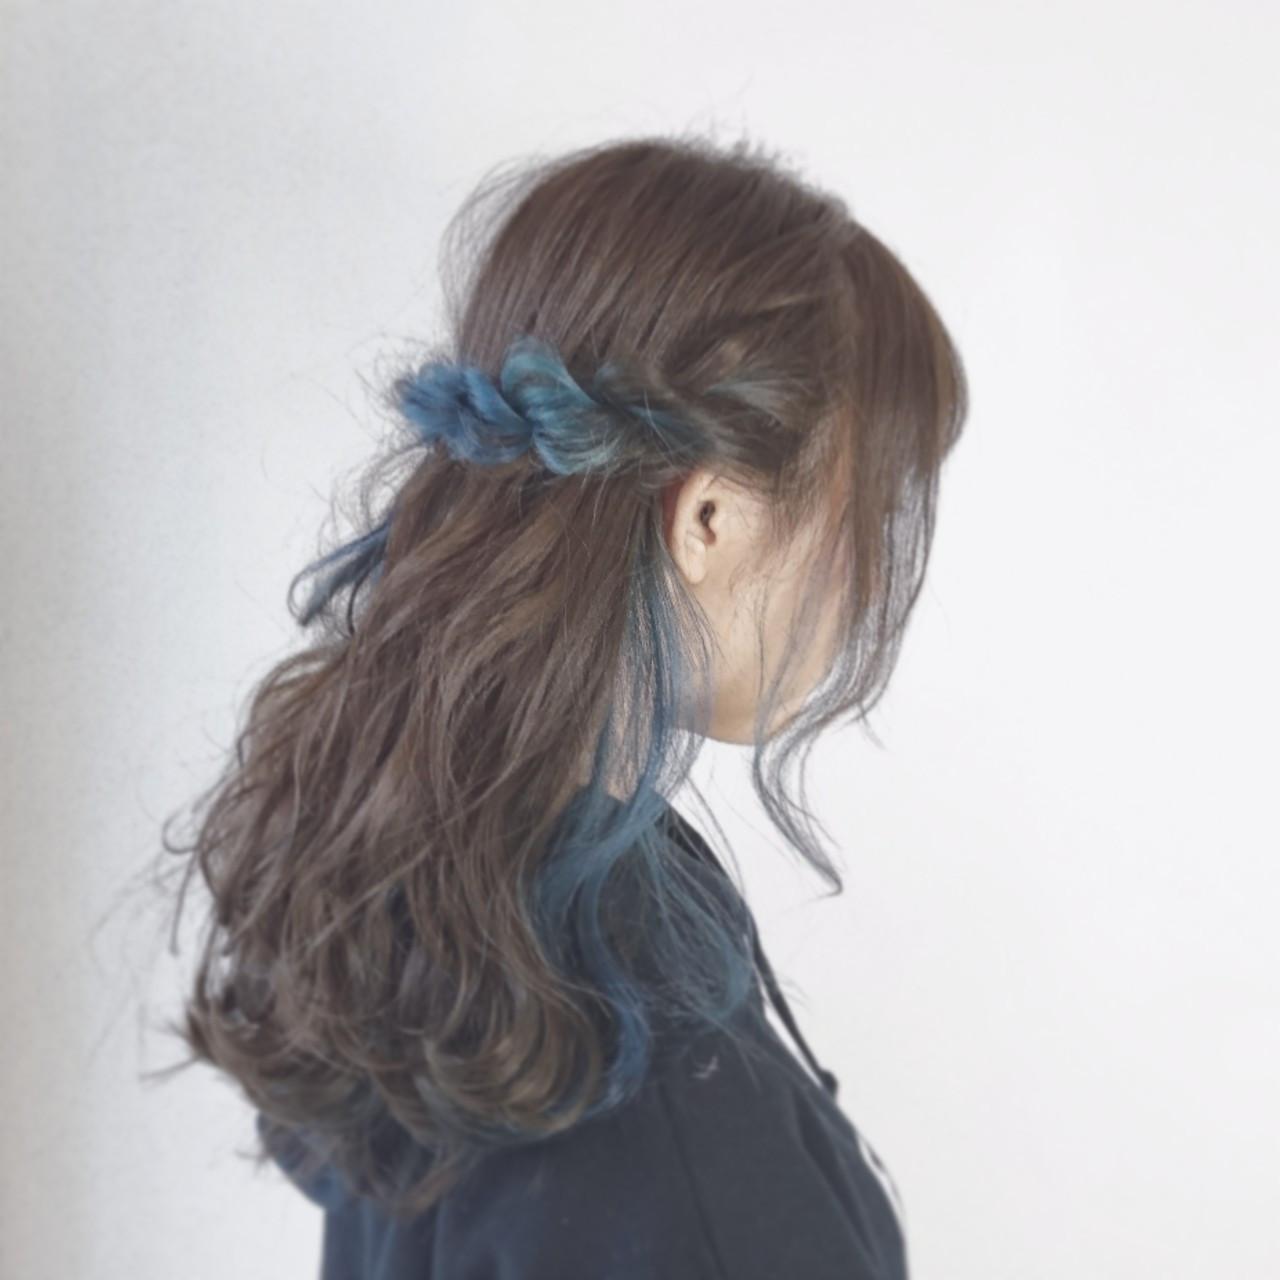 ロープ編みってどんな髪型? 河原一平 | ソワン ドゥ ブレス・セルン心斎橋店